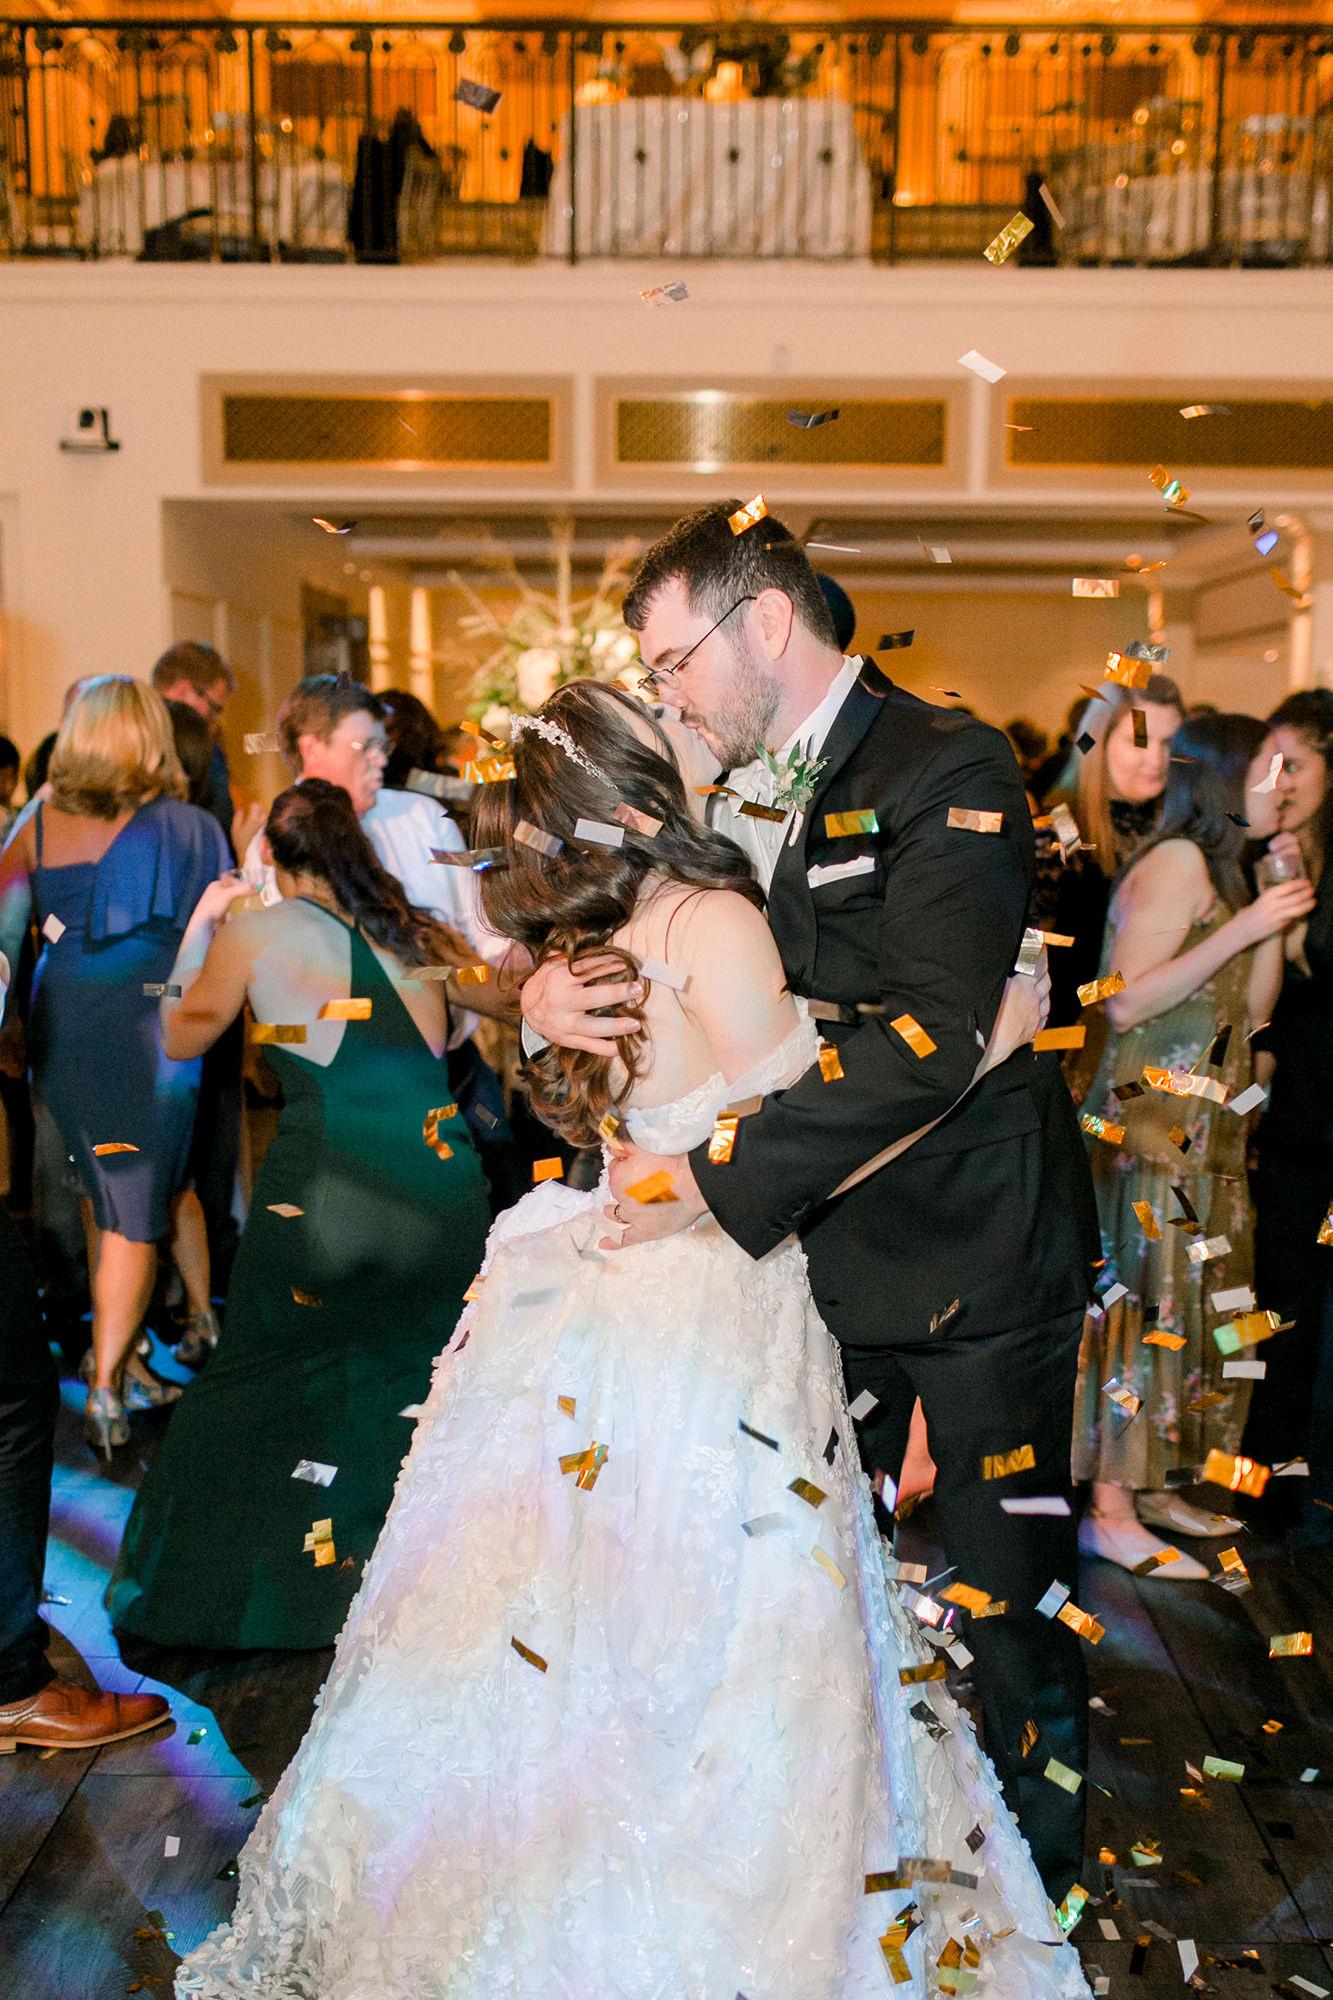 Jon And Abigail Kissing On Dance Floor